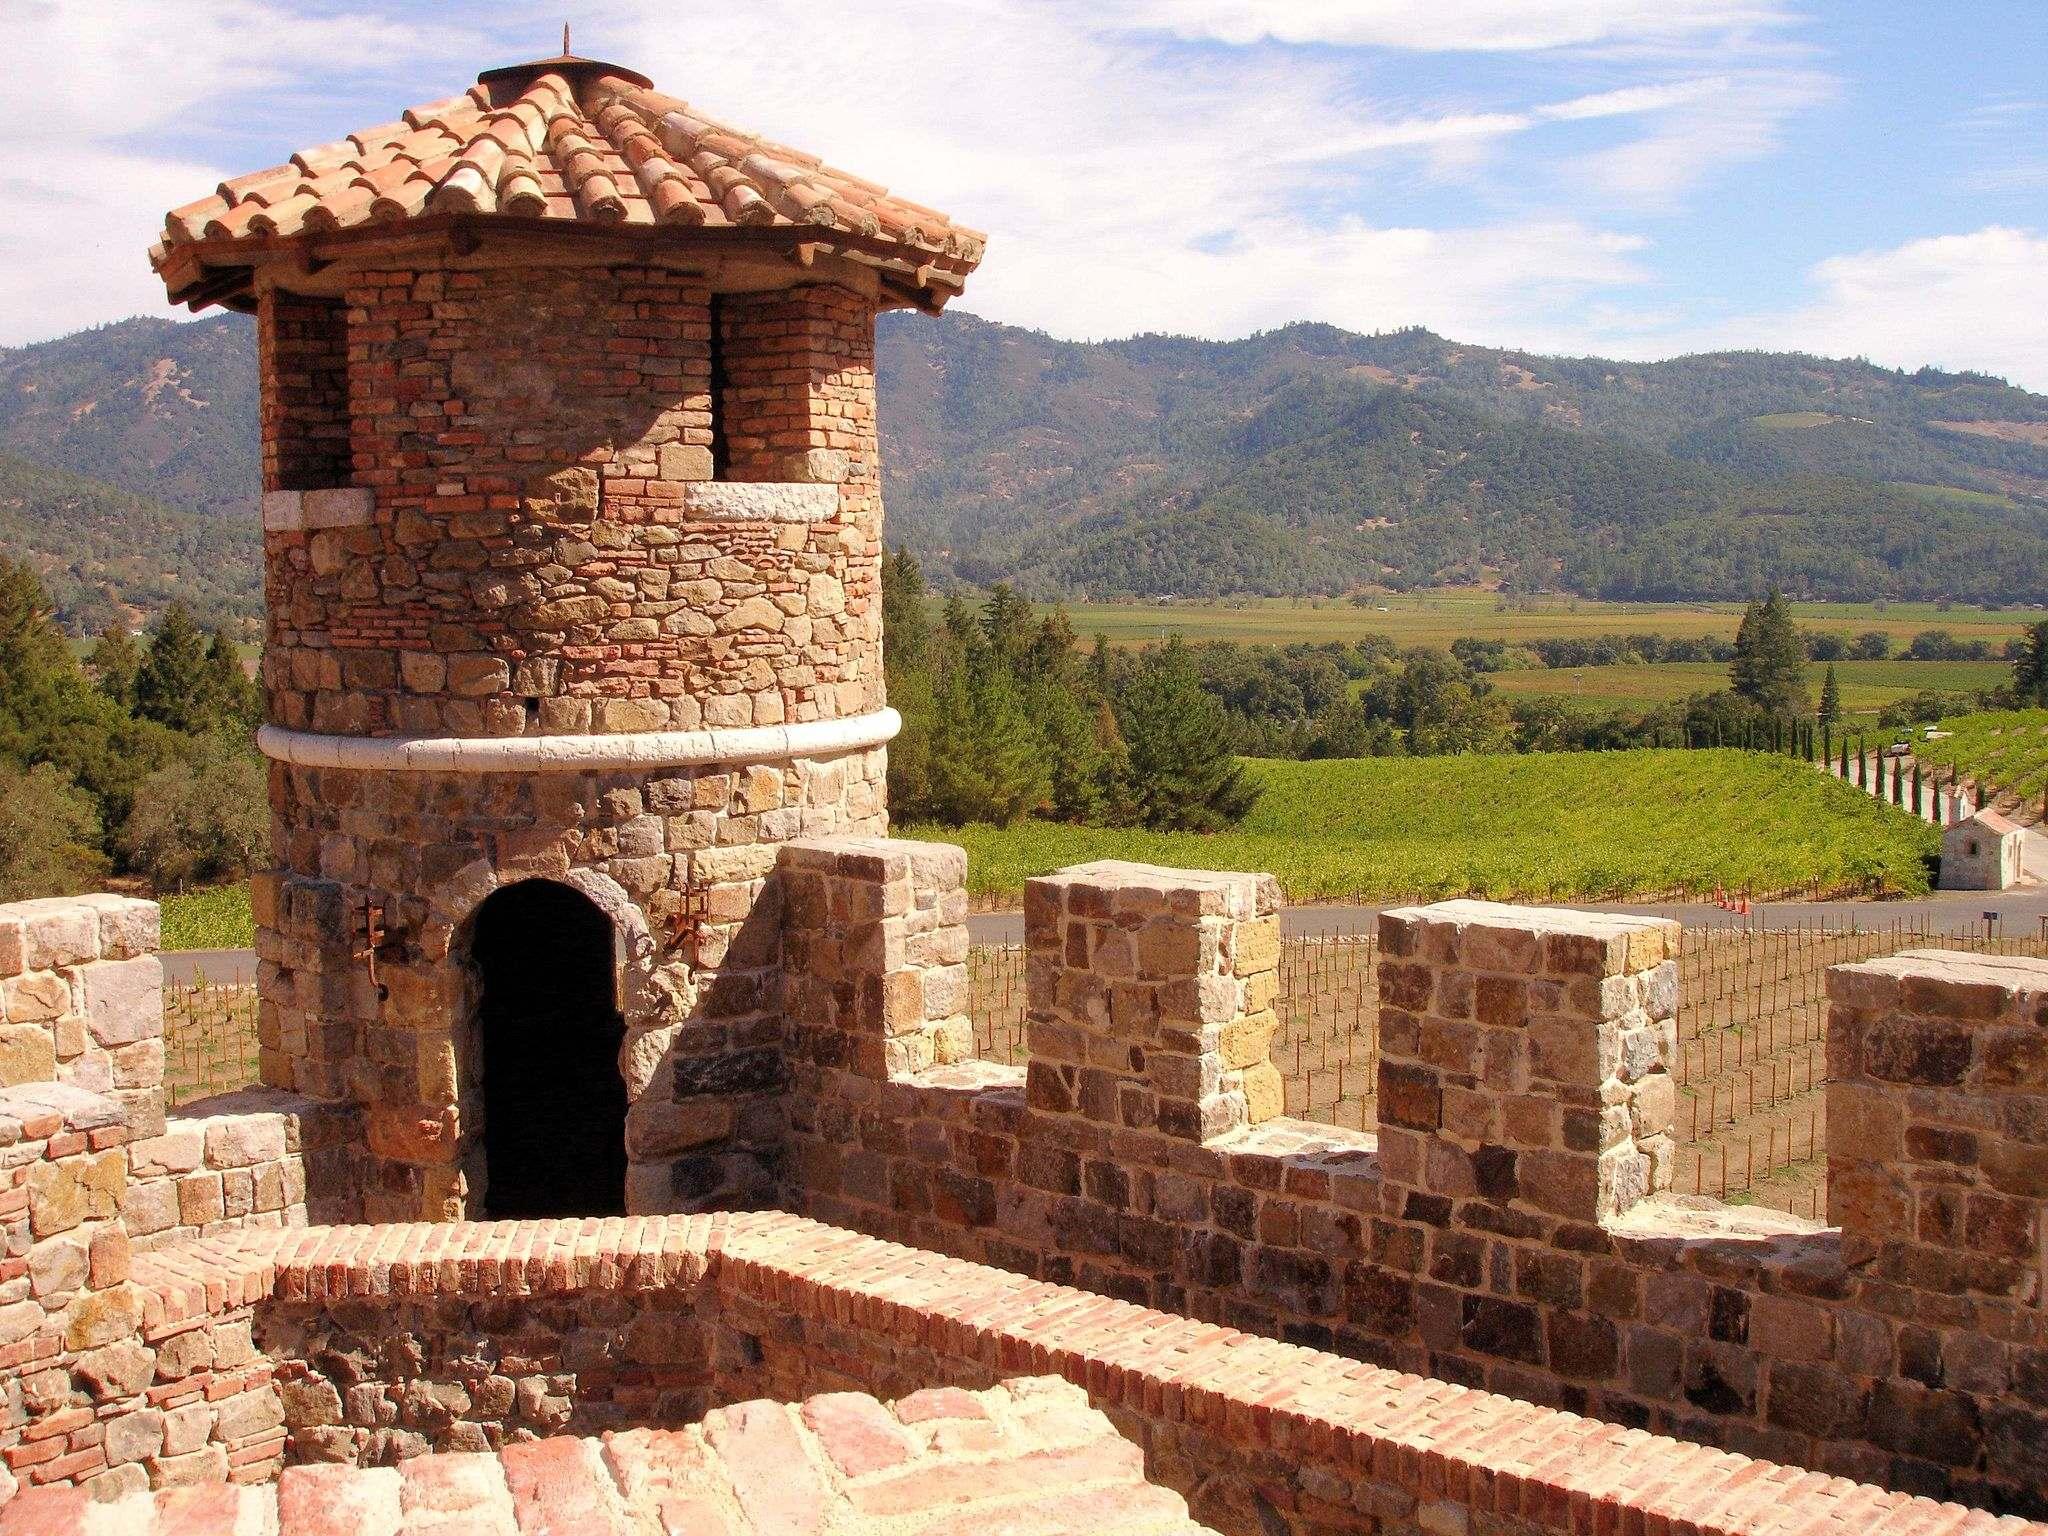 castello di amorosa3 Castello di Amorosa Winery in Napa Valley, California